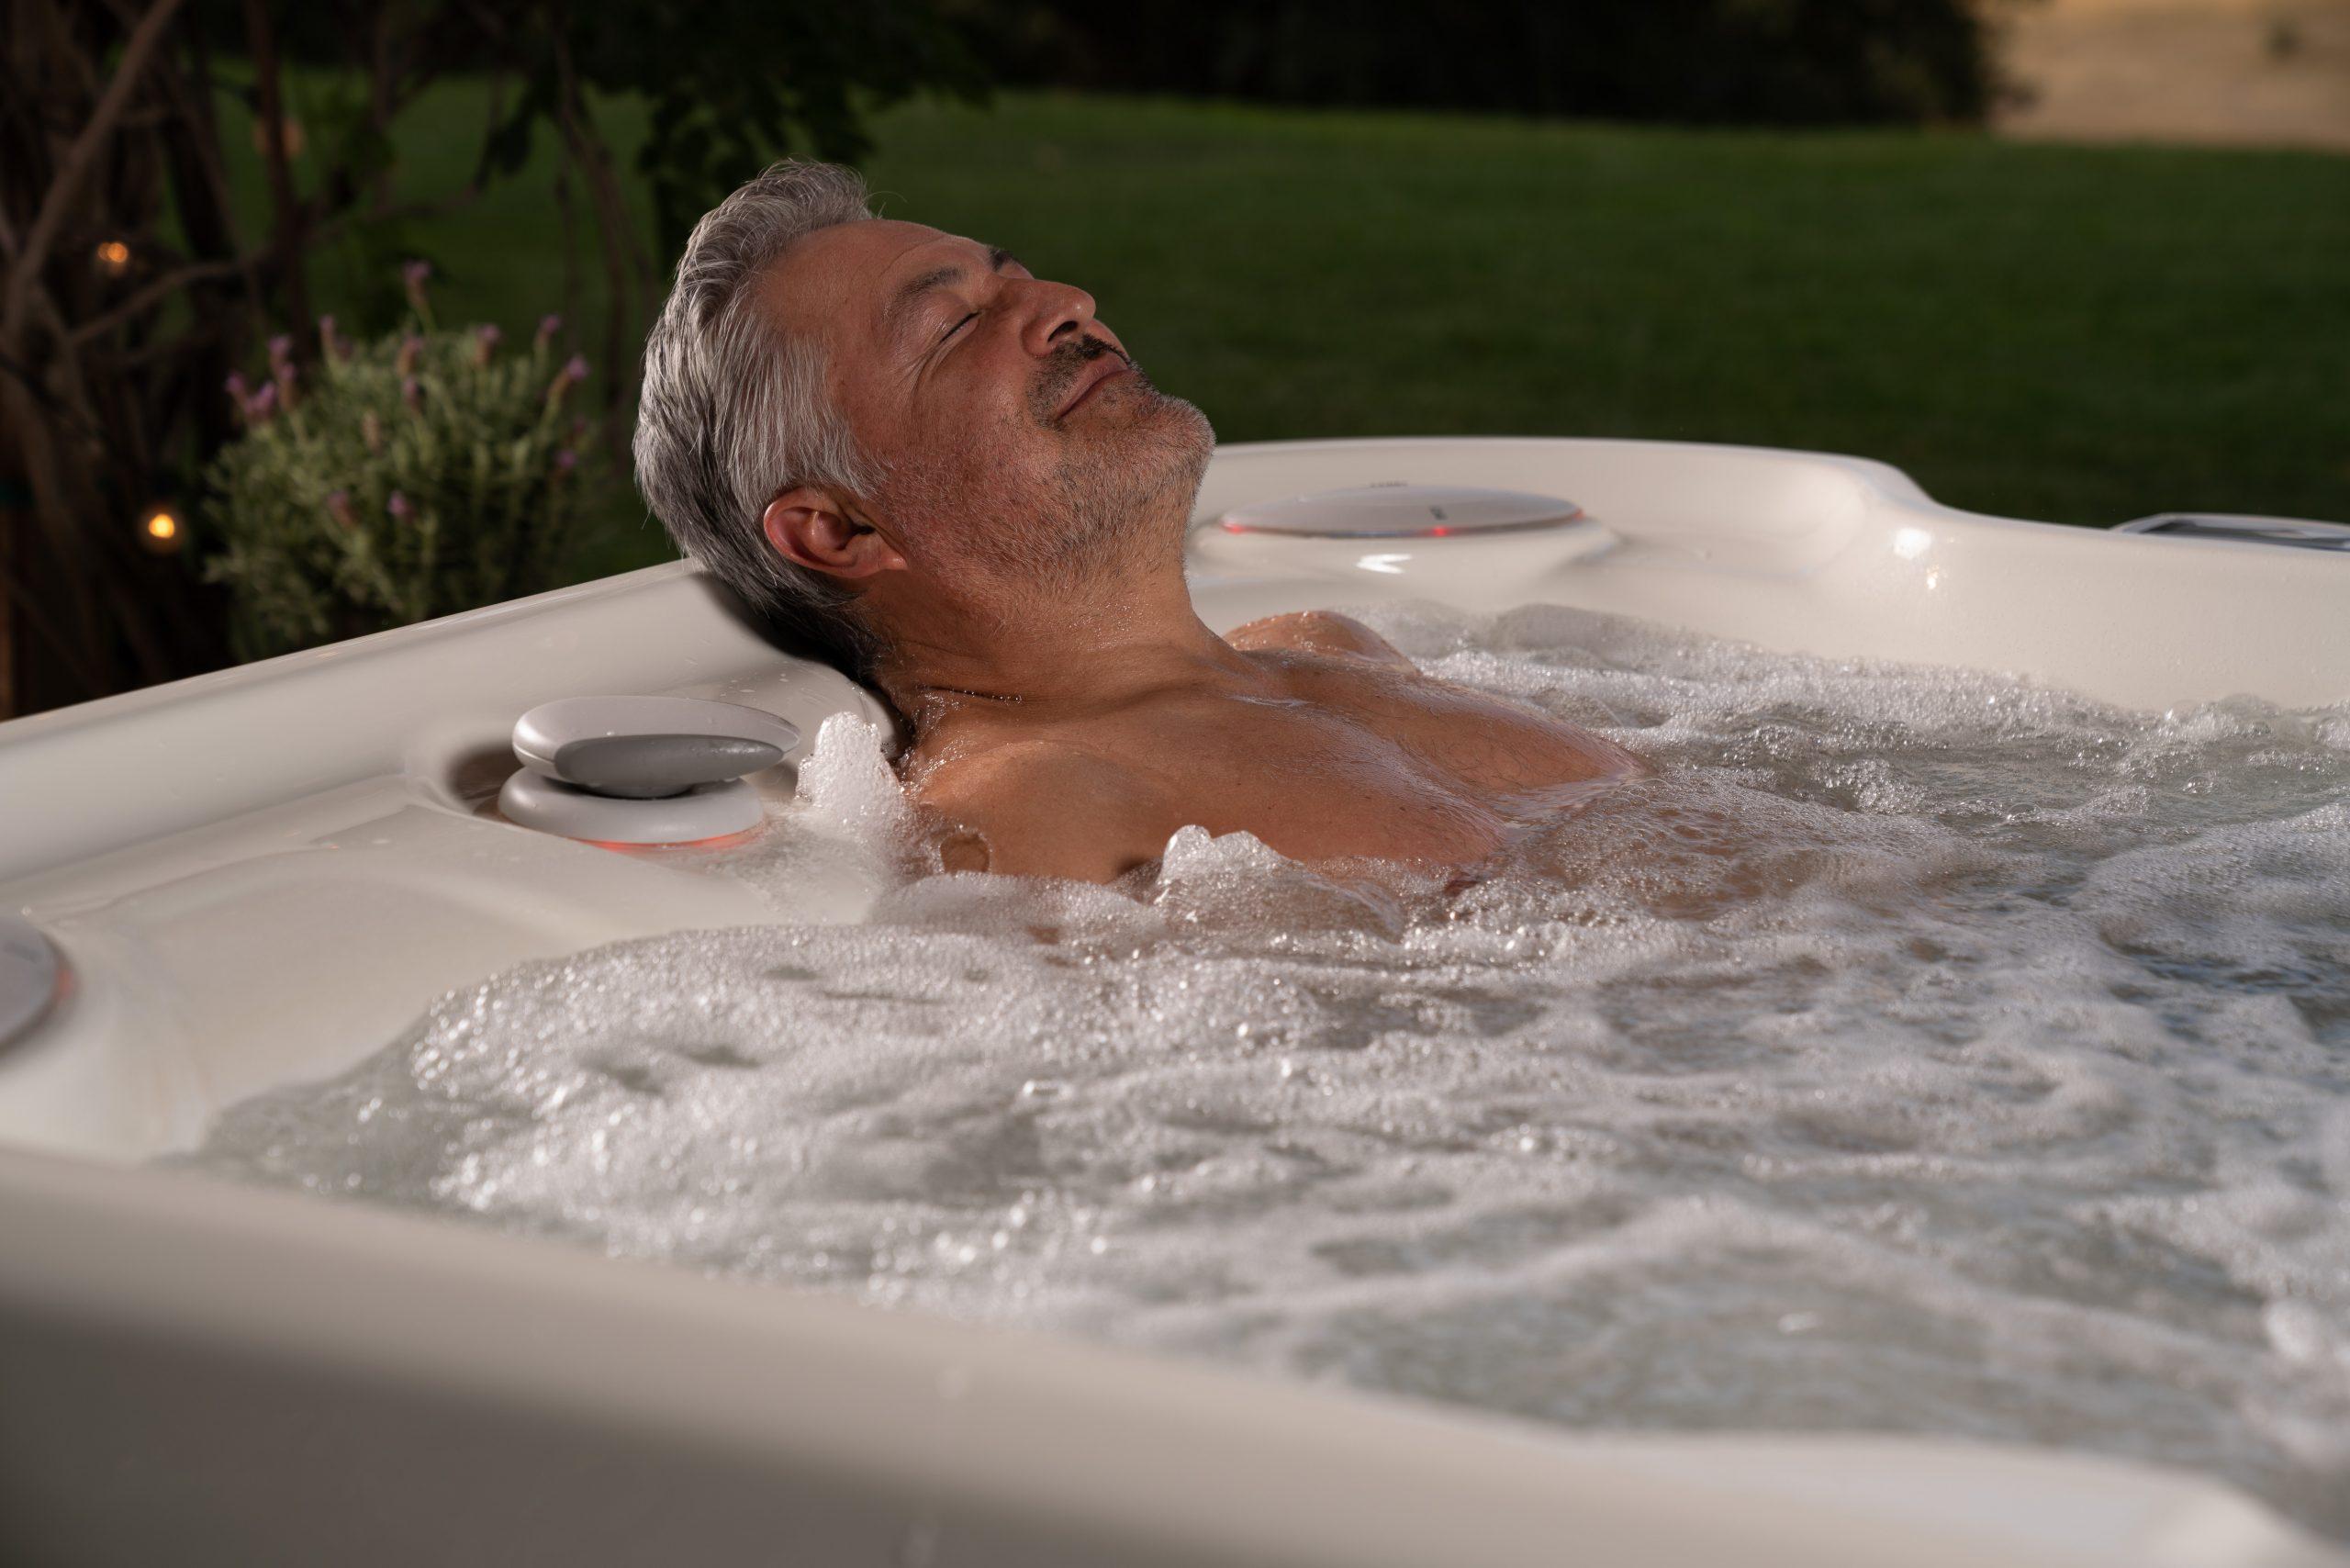 How a Hot Tub Can Help Improve Your Sleep